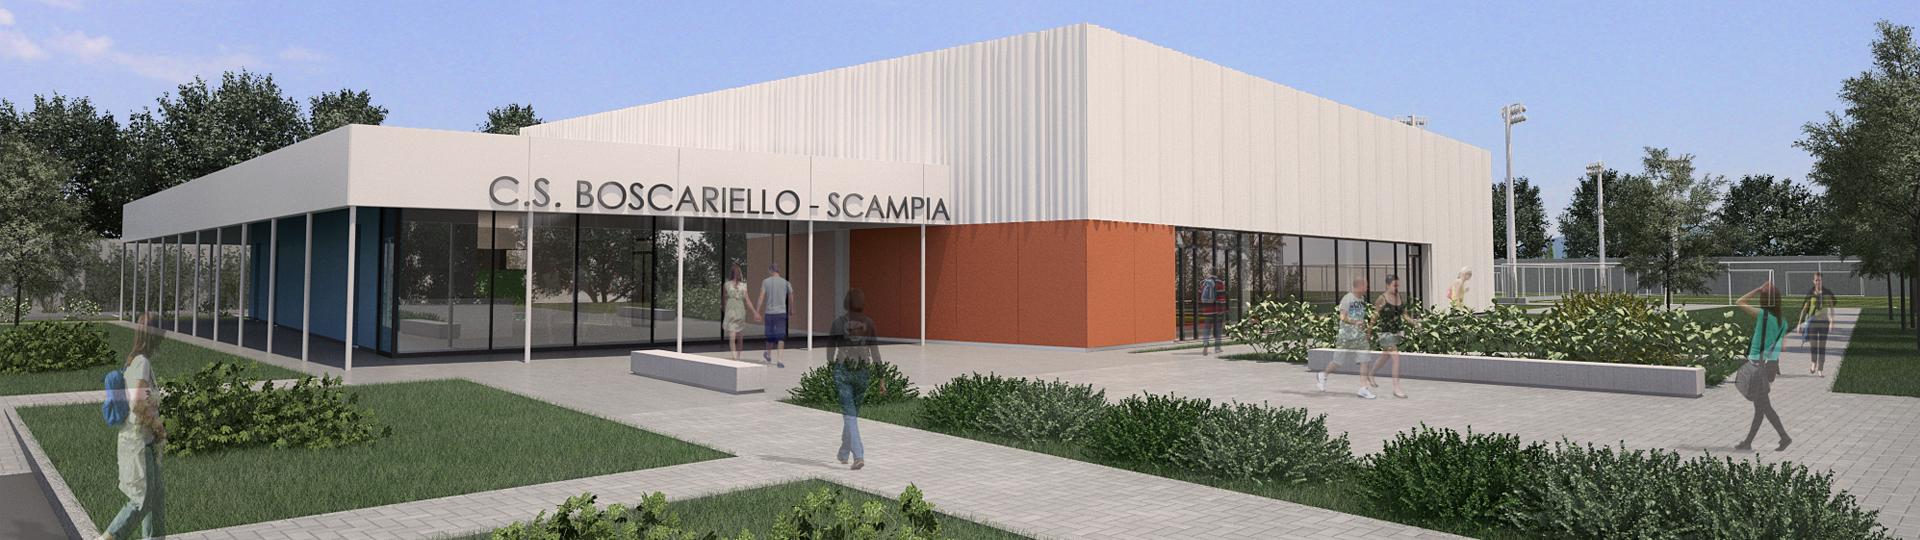 C.S. Boscariello Scampia